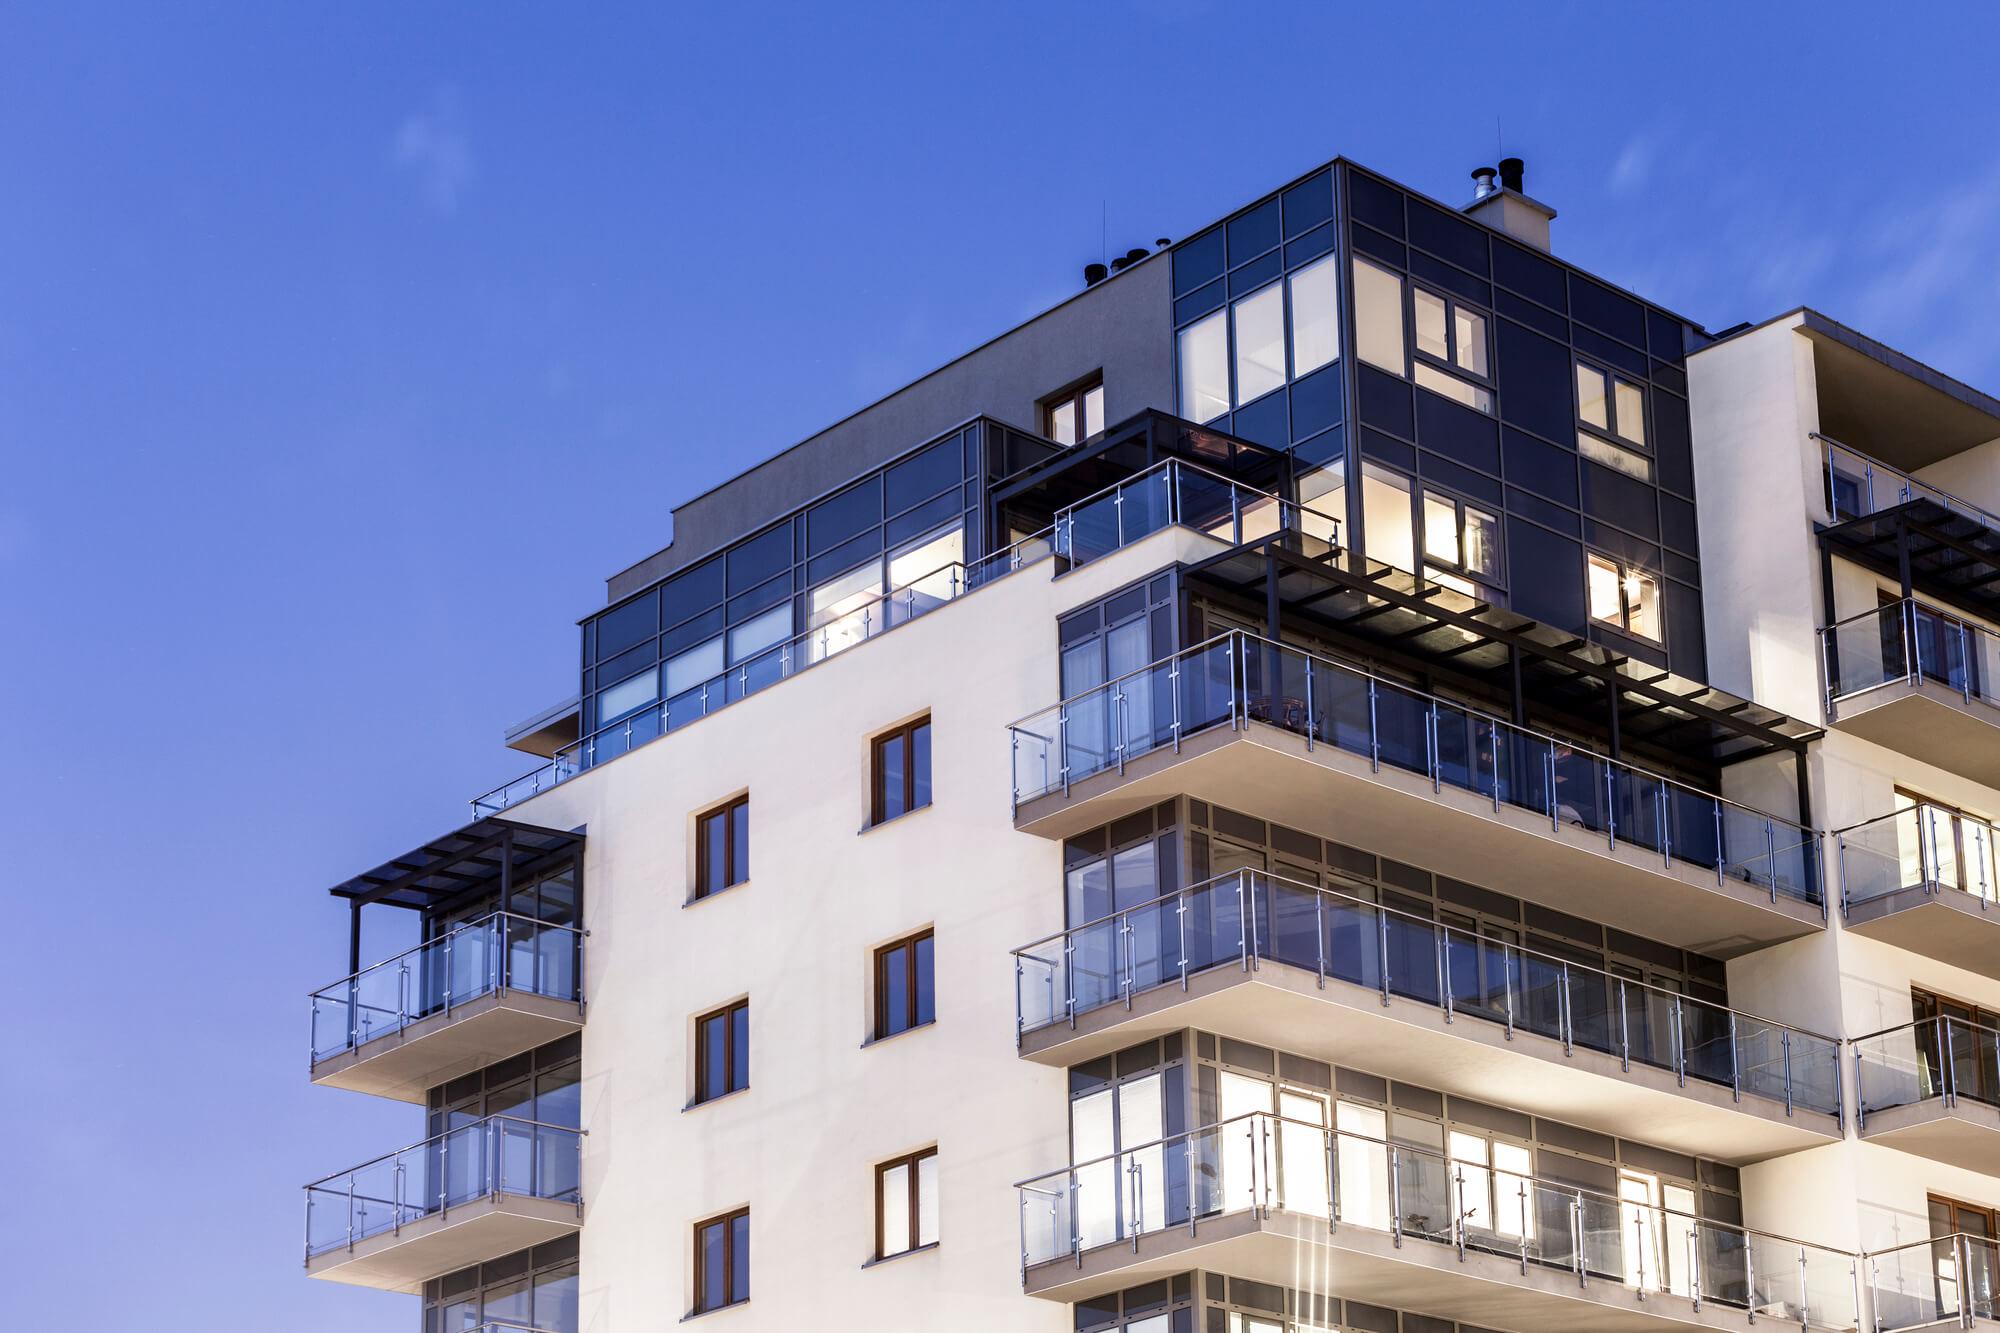 Prawa i obowiązki wspólnoty mieszkaniowej